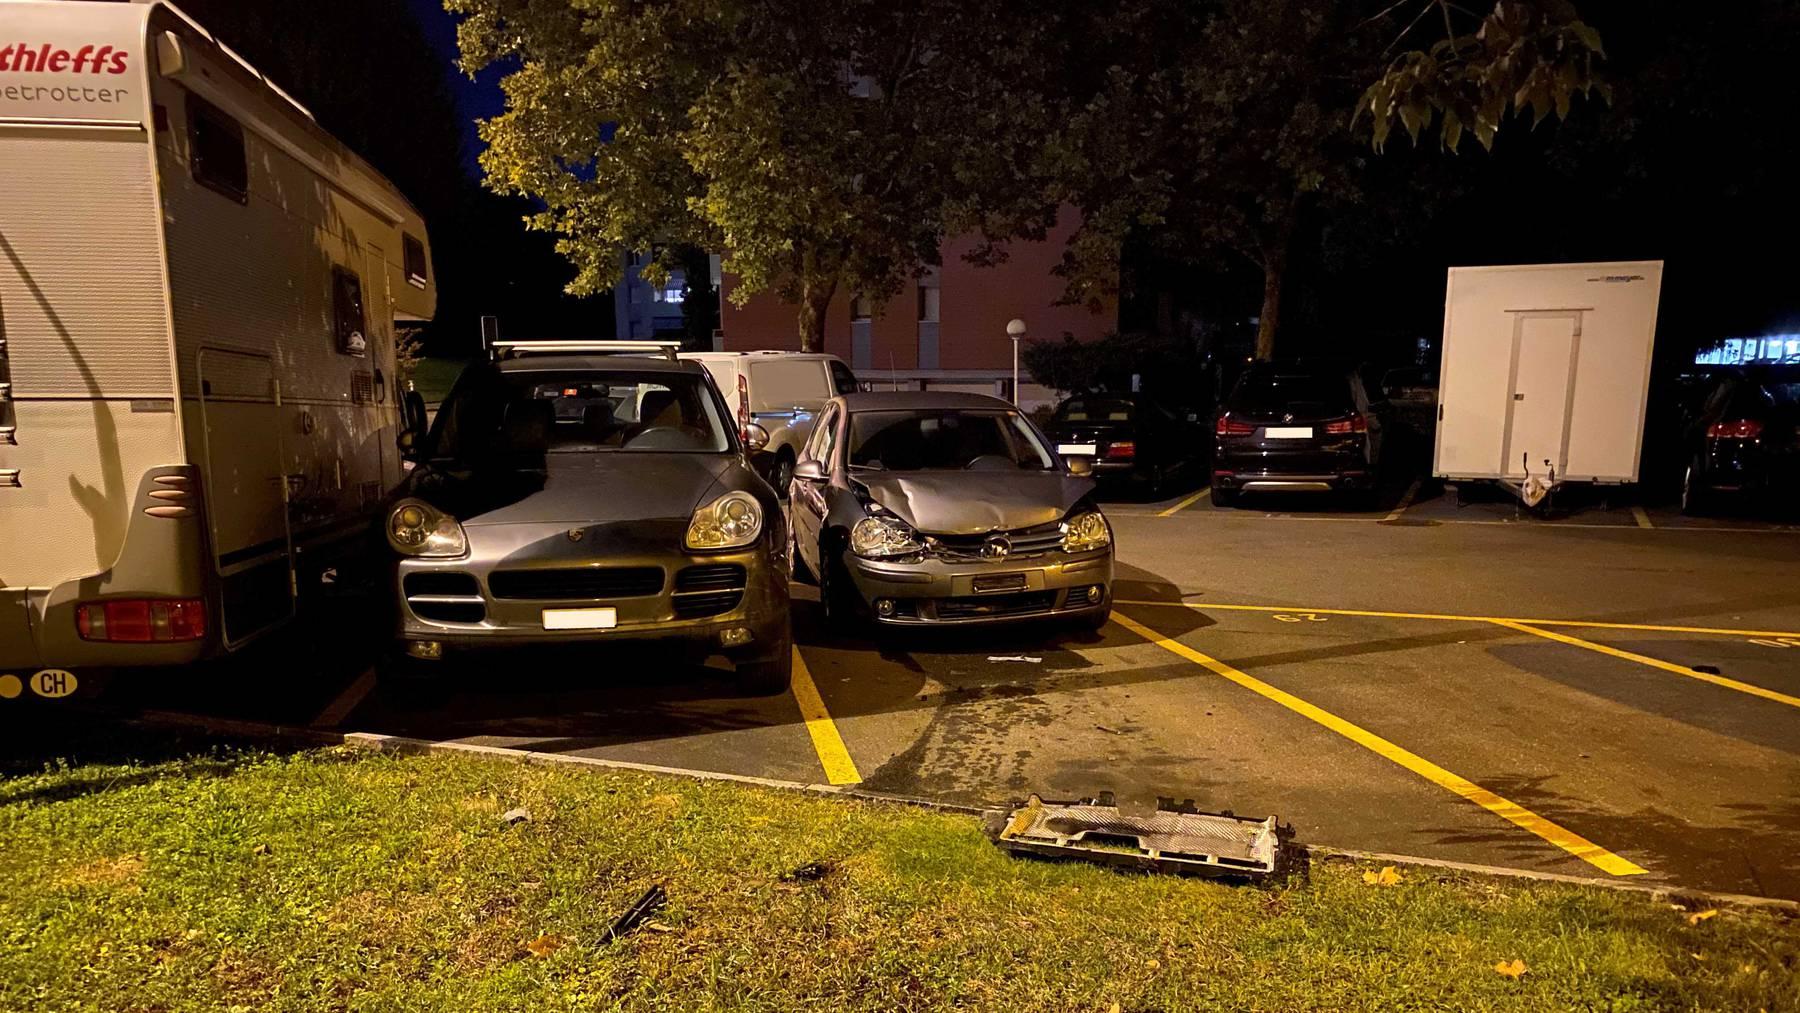 MM204_Alkoholisiert in parkiertes Auto und Patrouillenfahrzeug gefahren